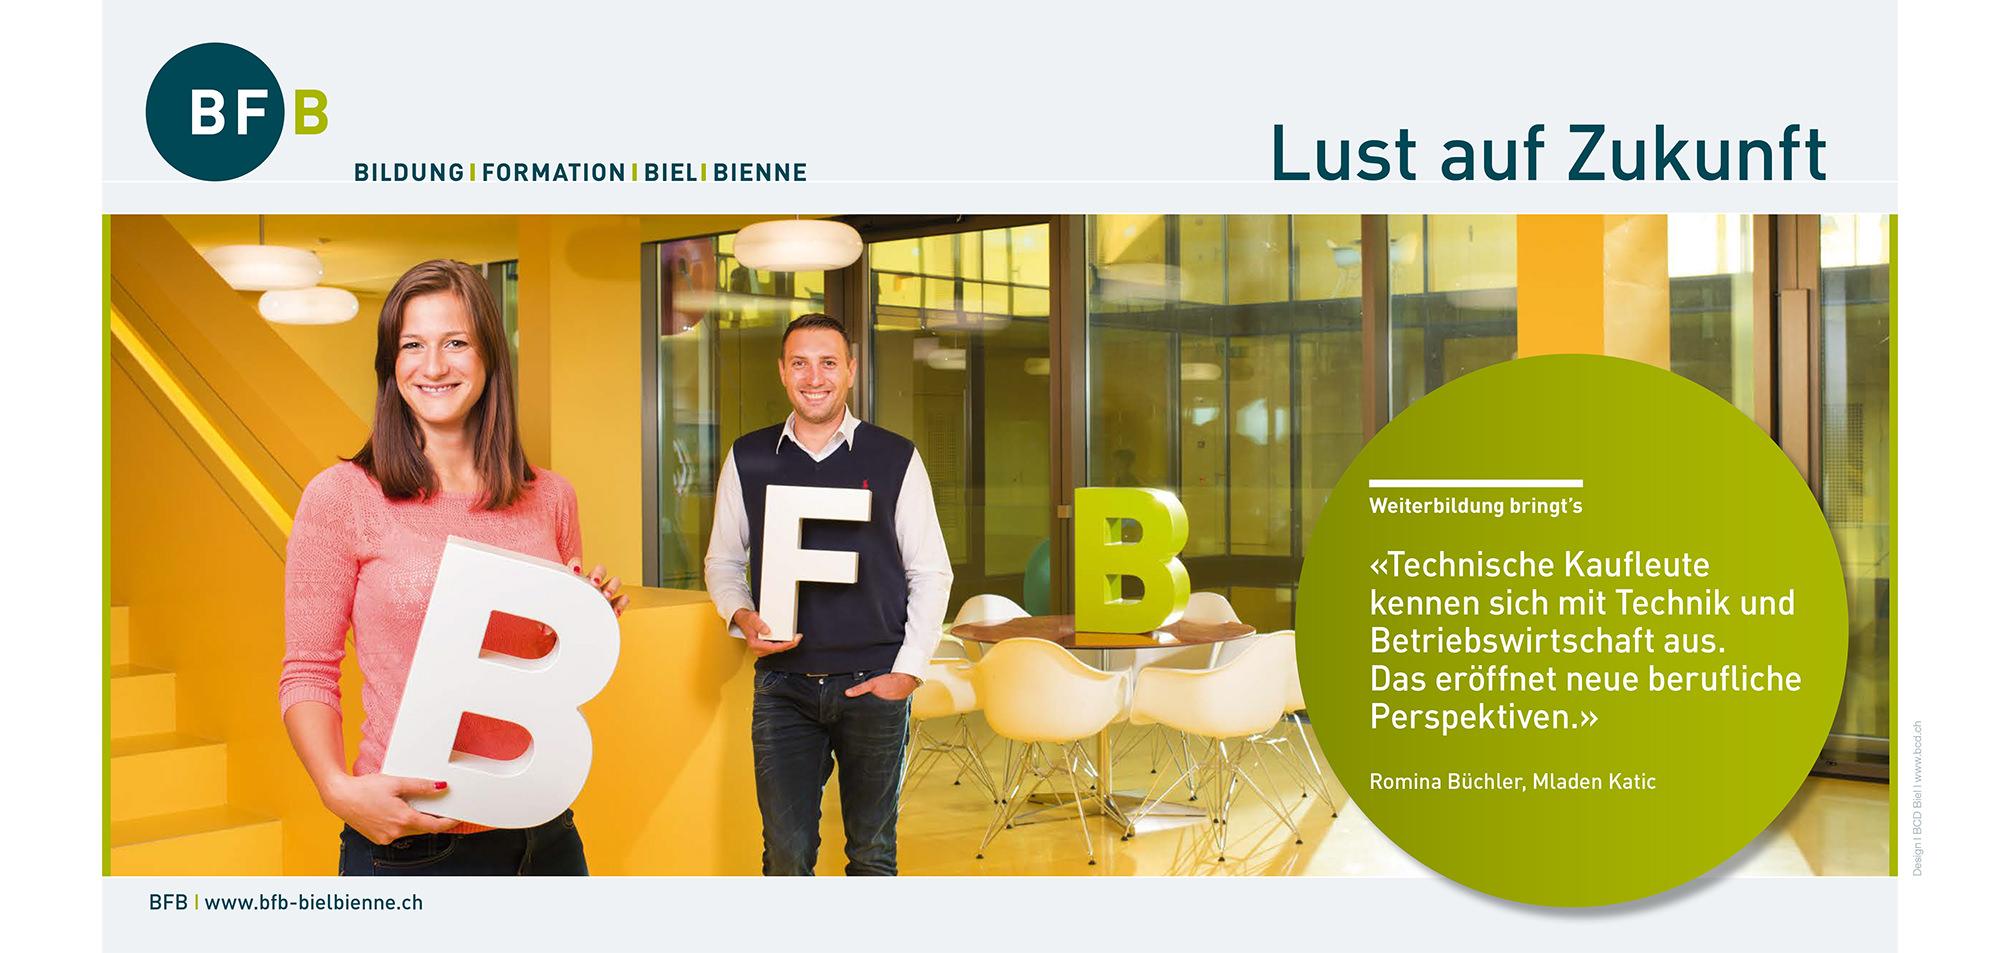 bfb_kampagne146.jpg